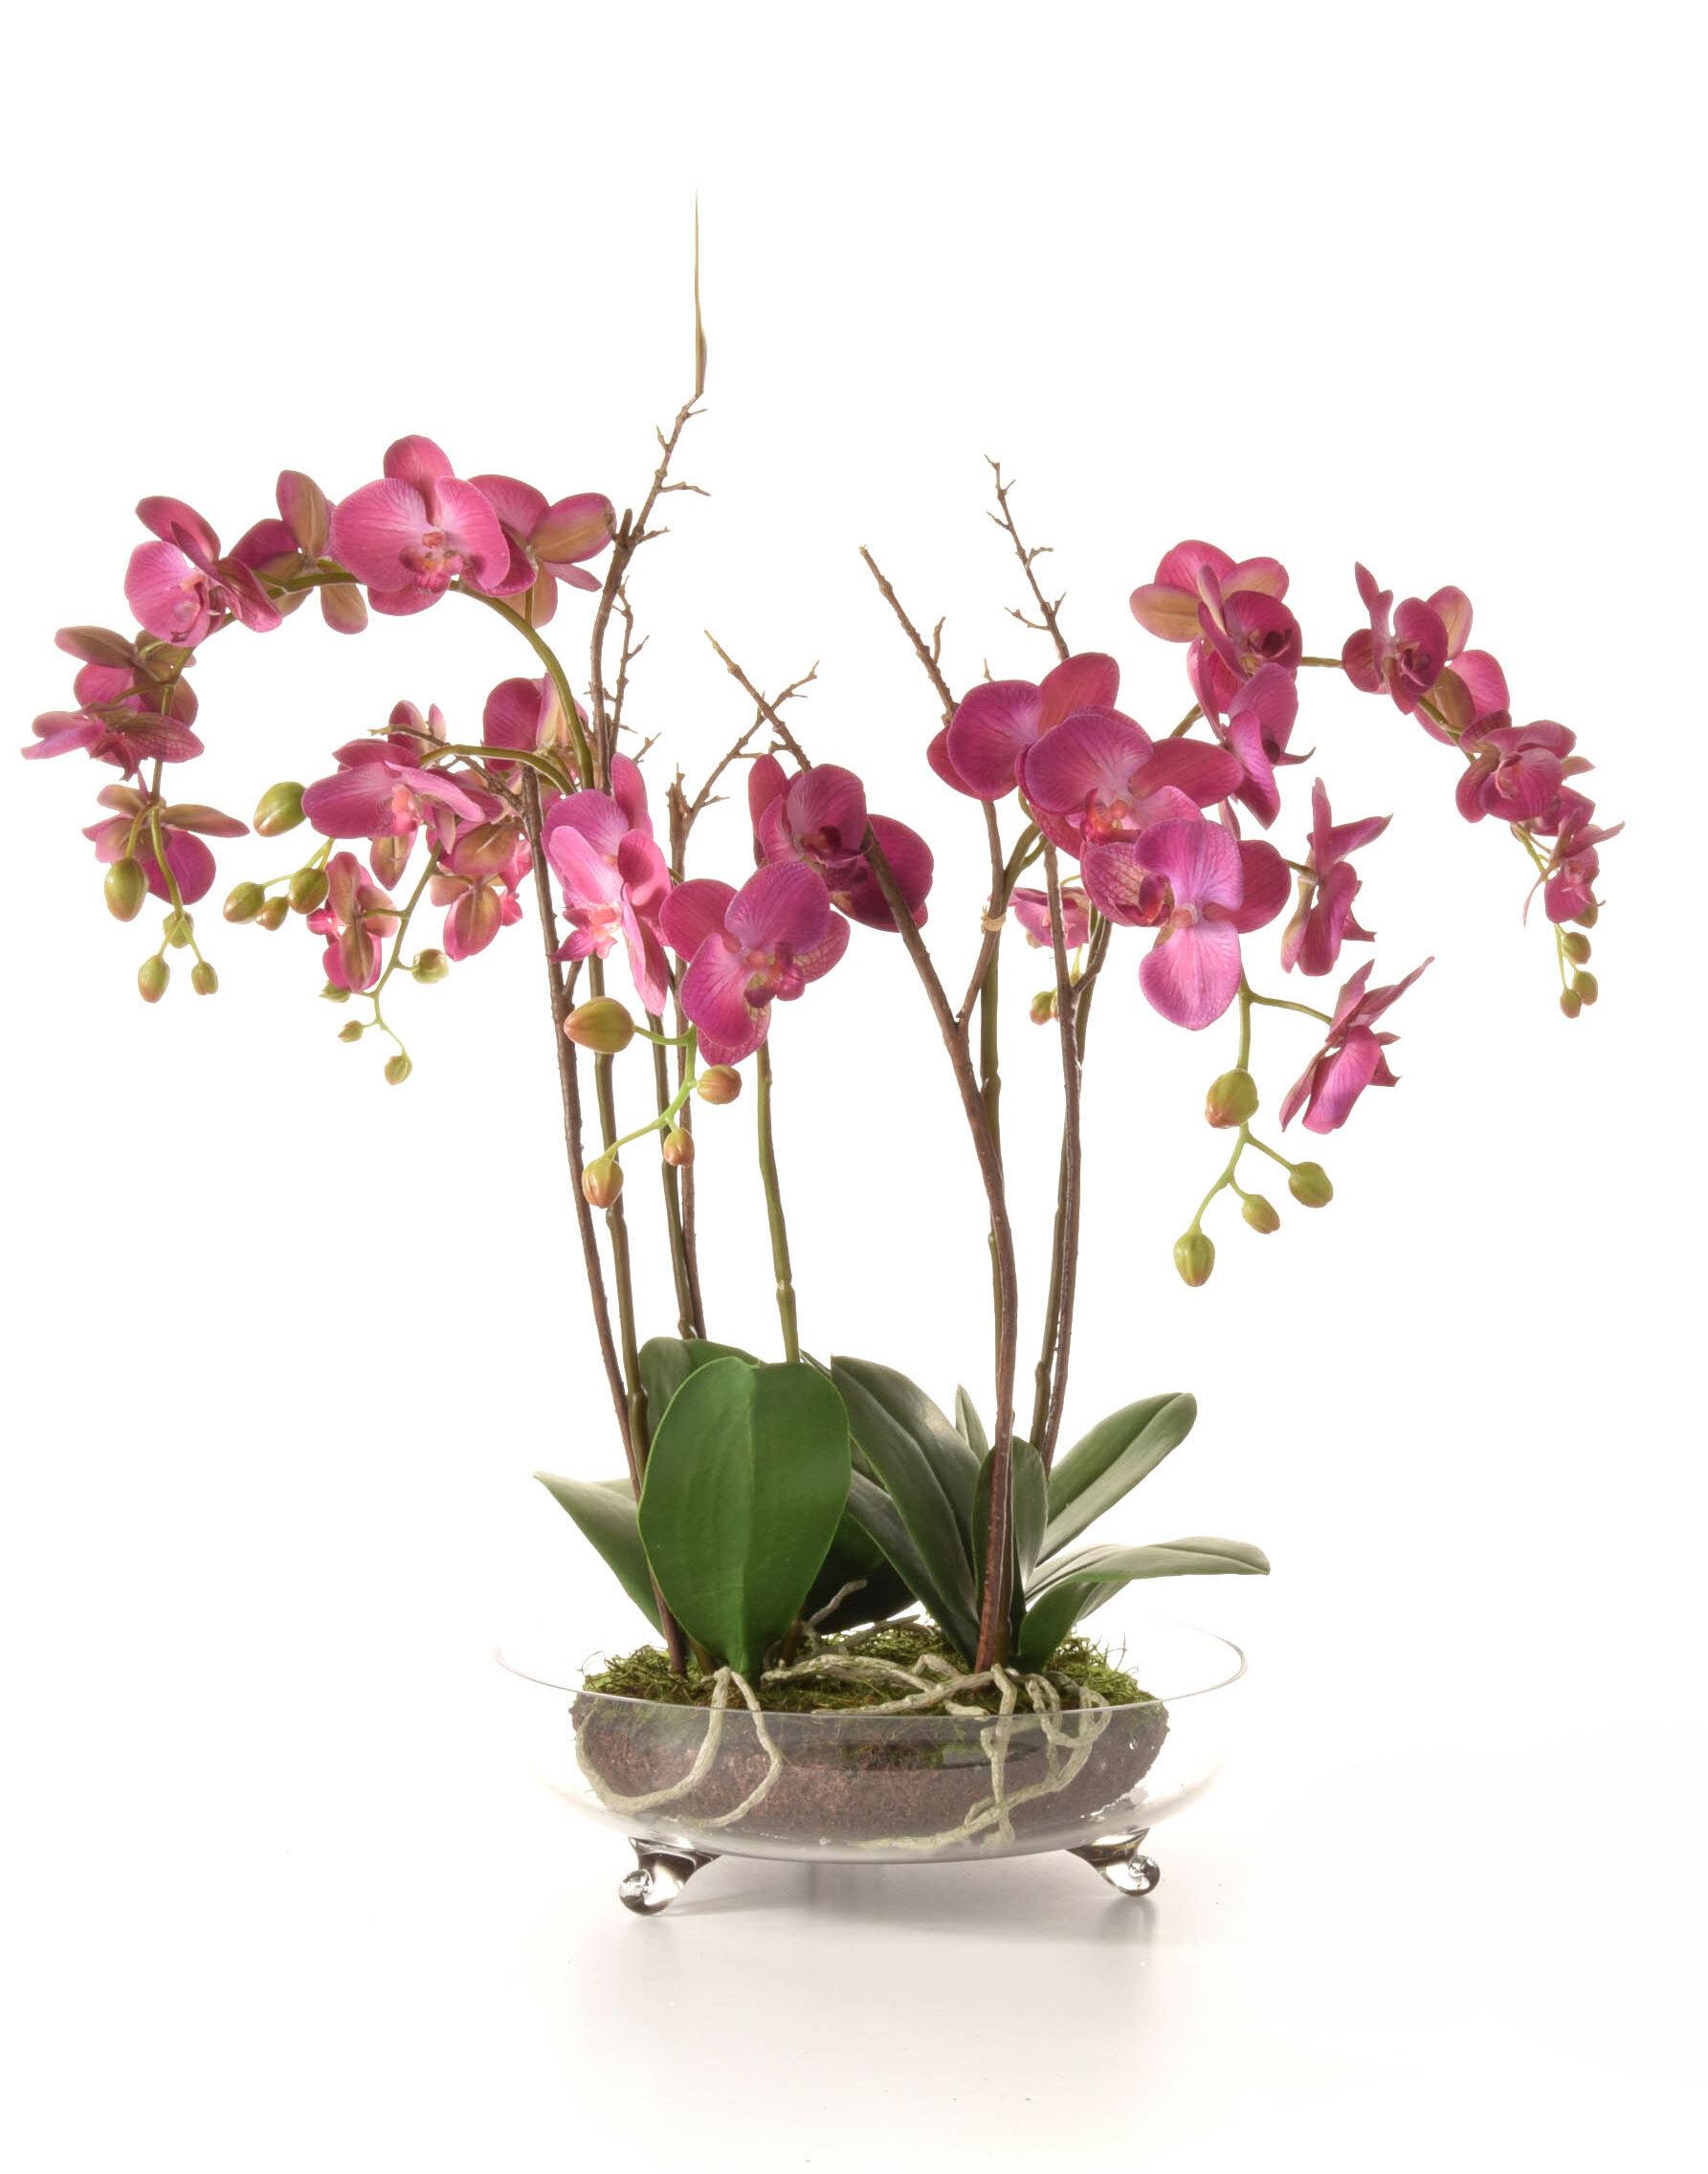 The Seasonal Aisle Artificial Orchids Floral Arrangements In Glass Bowl Reviews Wayfair Co Uk